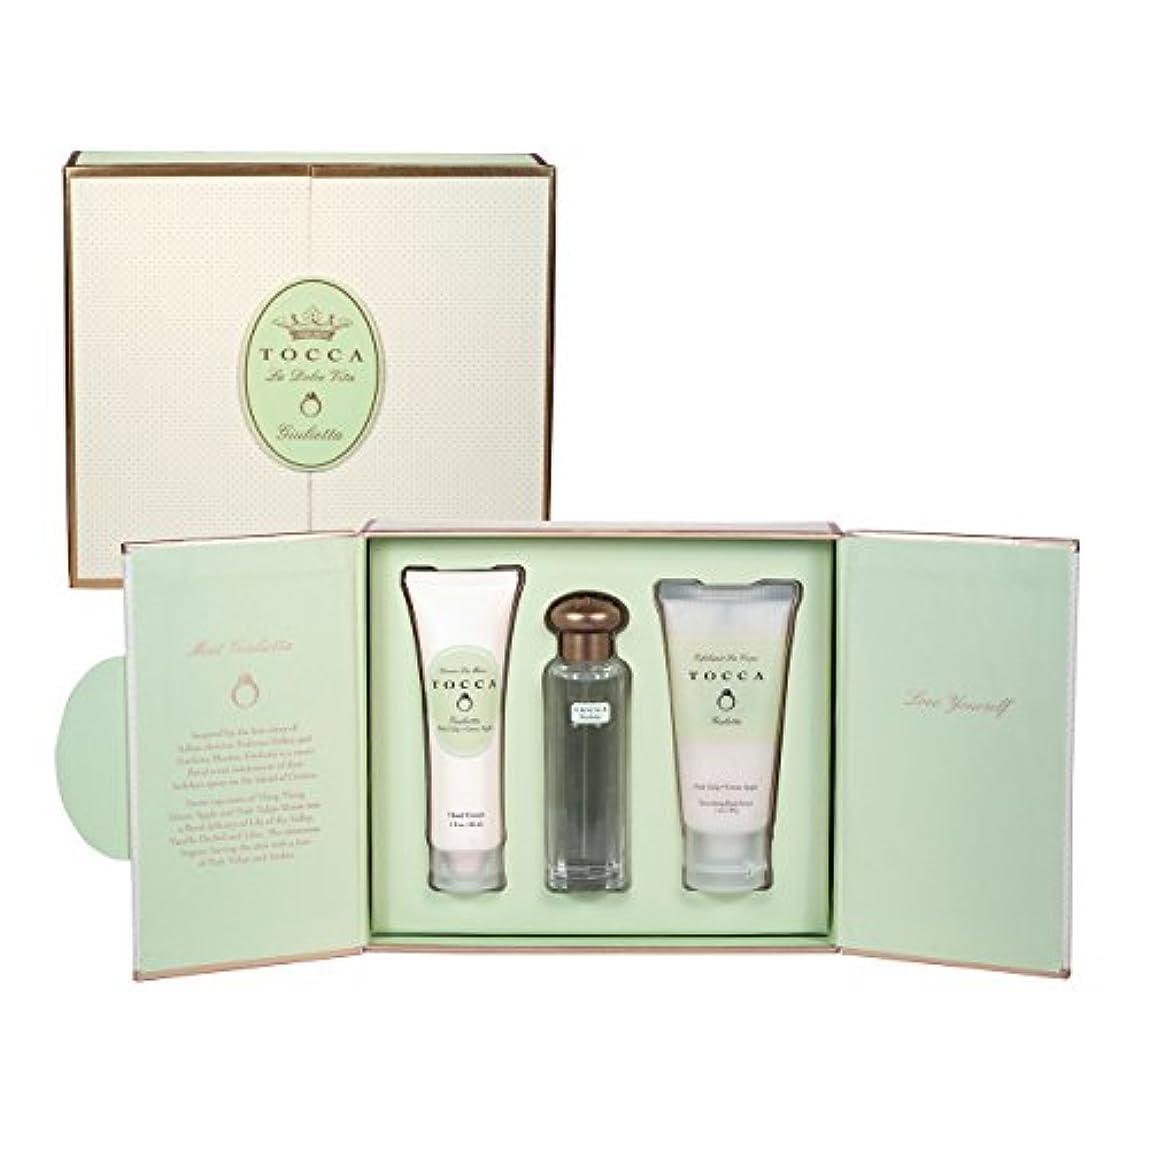 長さ技術者優越トッカ(TOCCA) ドルチェヴィータコレクション ジュリエッタの香り (香水20ml、ハンドクリーム30ml、ボディーケアスクラブ30ml)